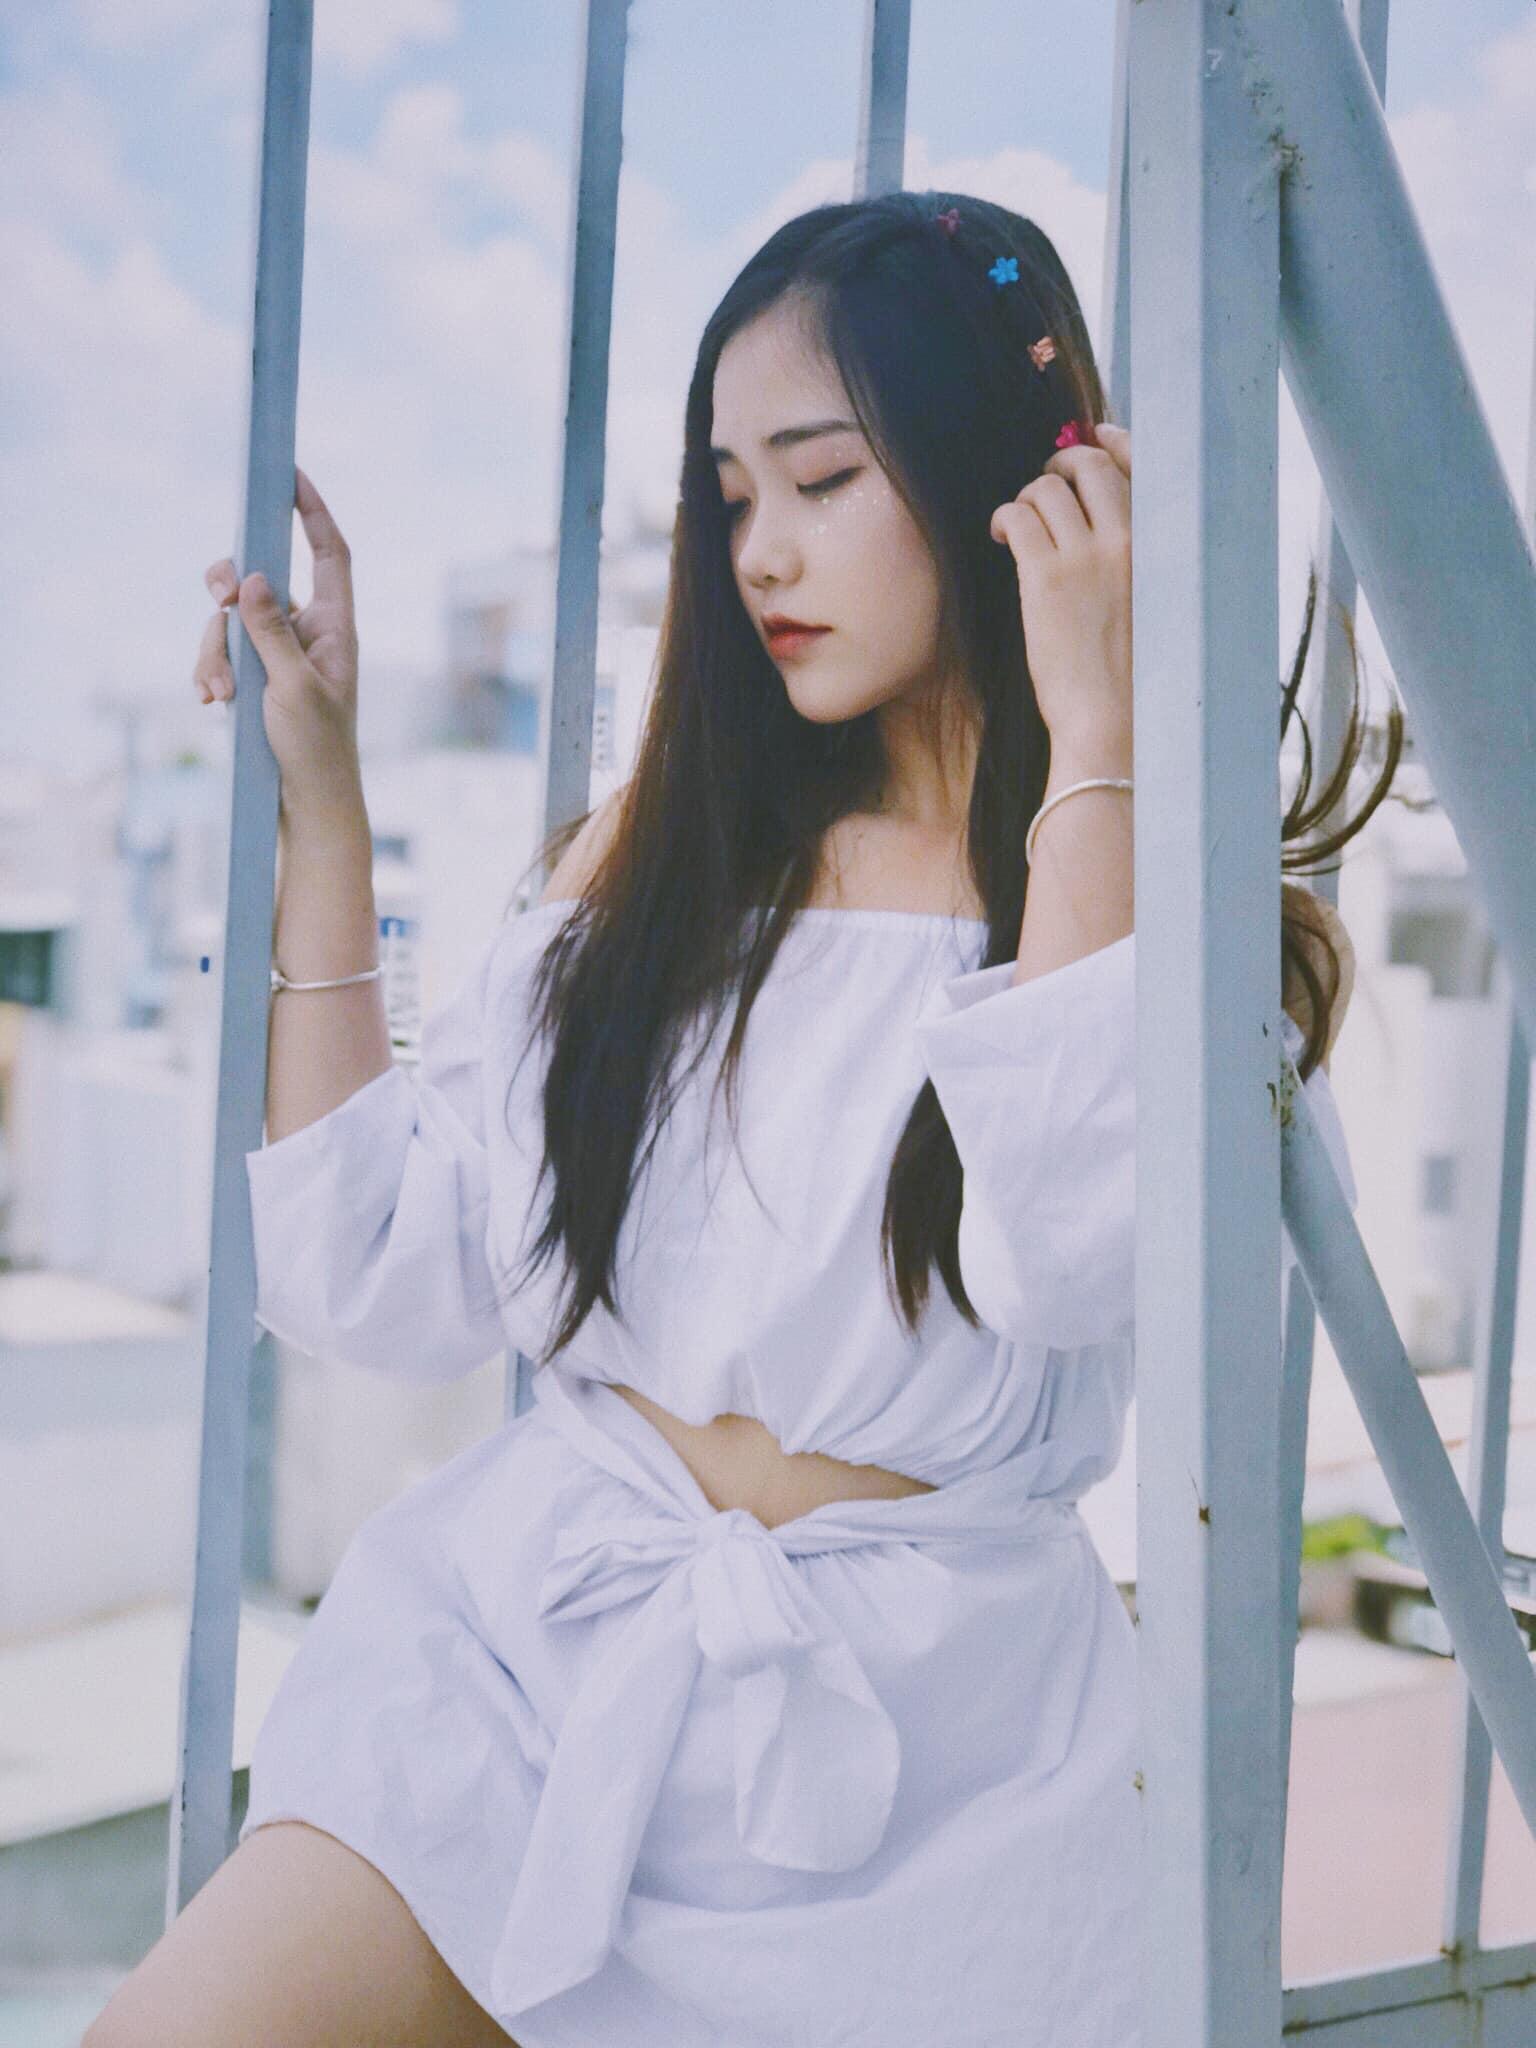 4 nữ sinh chưa tròn 20 hot nhất nhì Sài Gòn, Quảng Bình bị nghi sửa mặt vì quá xinh - 7